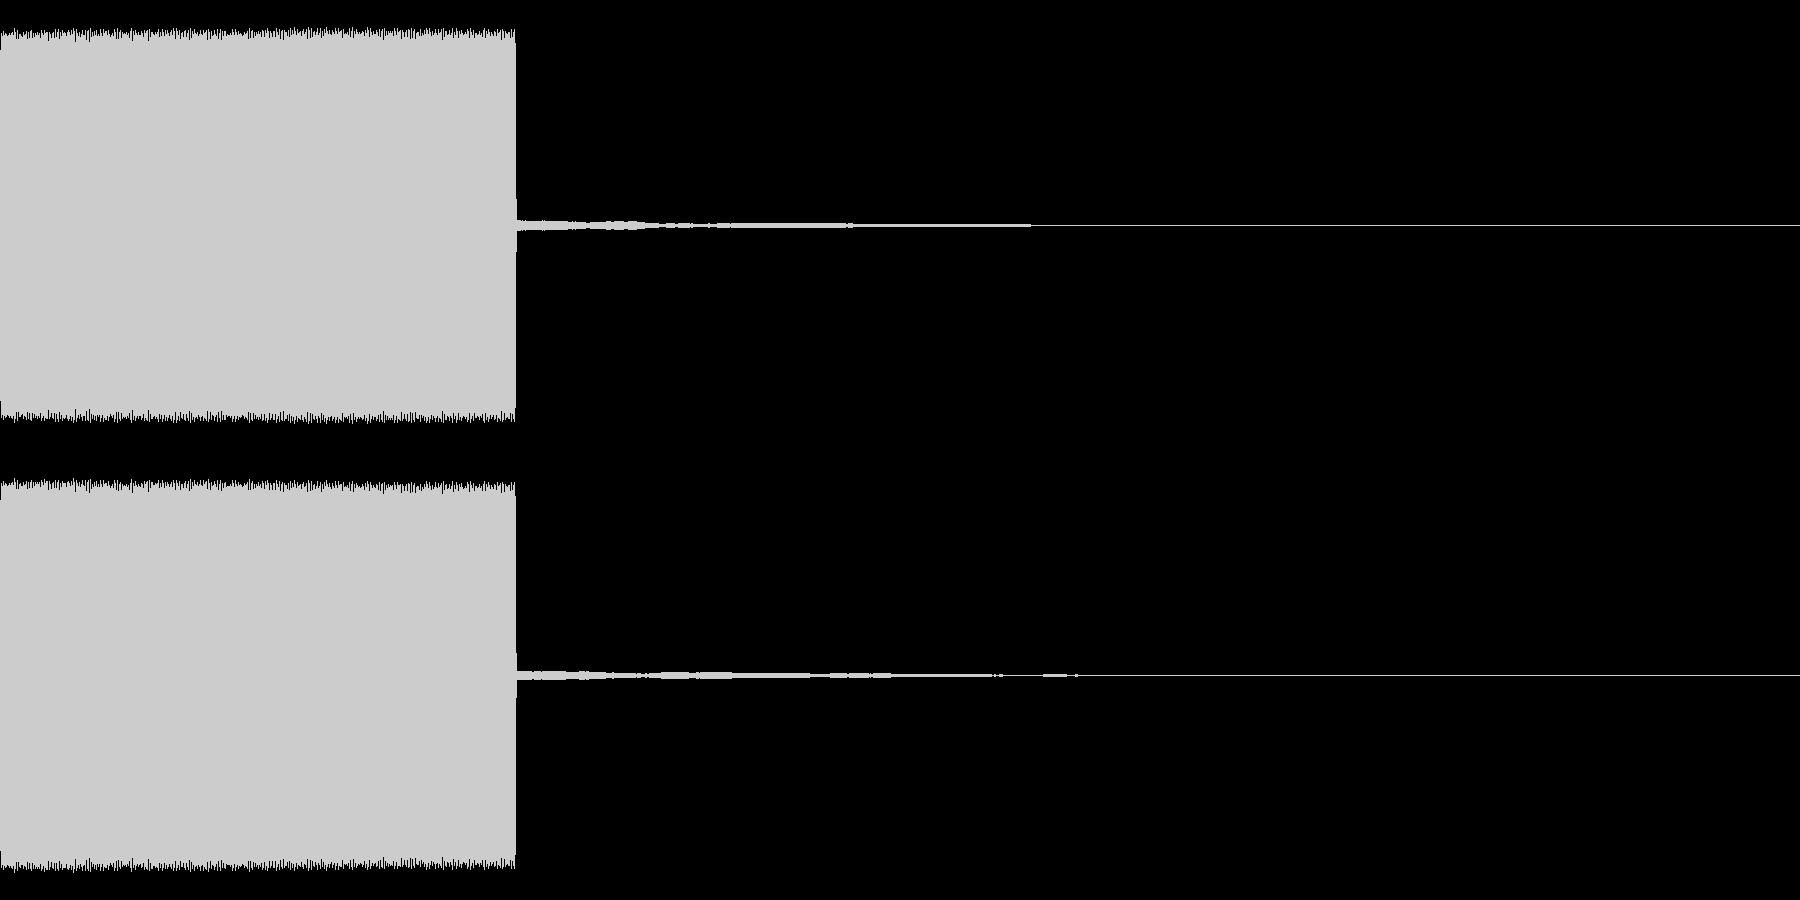 自主規制音4 ピー ショートの未再生の波形